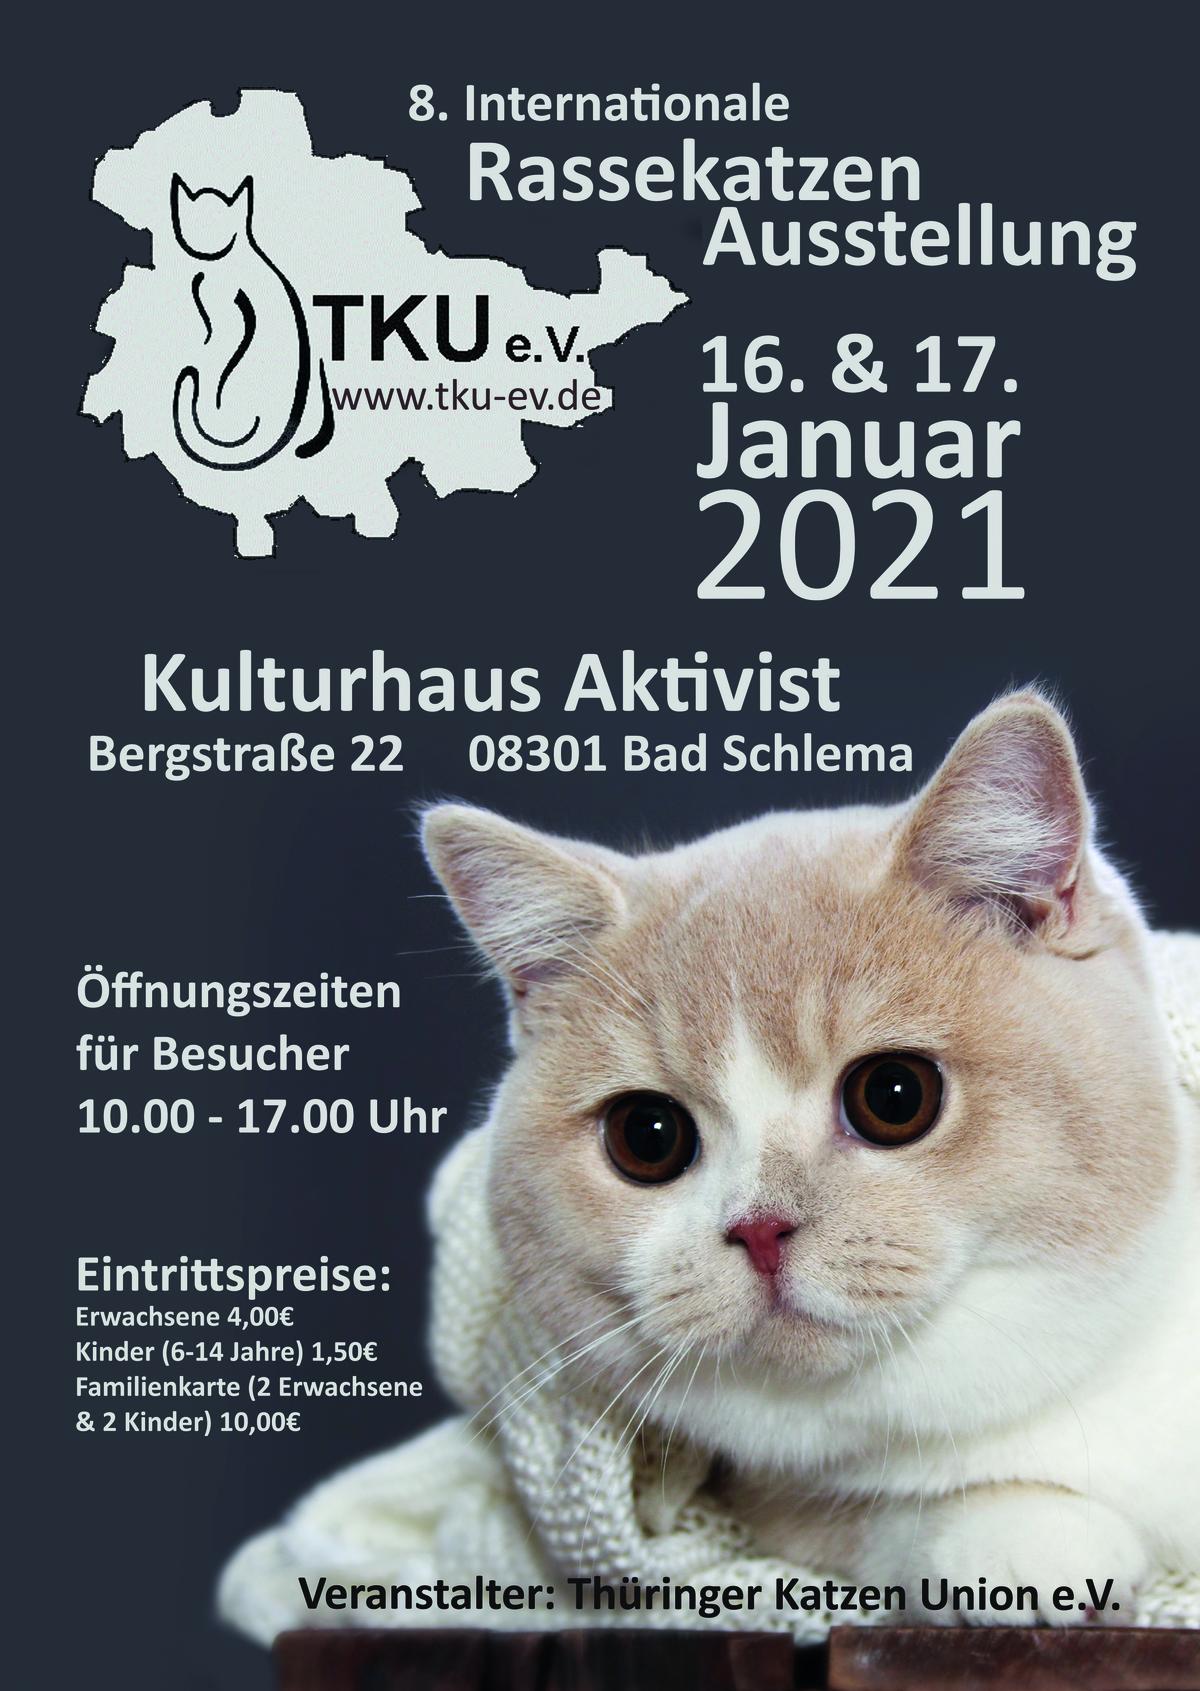 8. Internationale Rassekatzen Ausstellung - ABGESAGT!